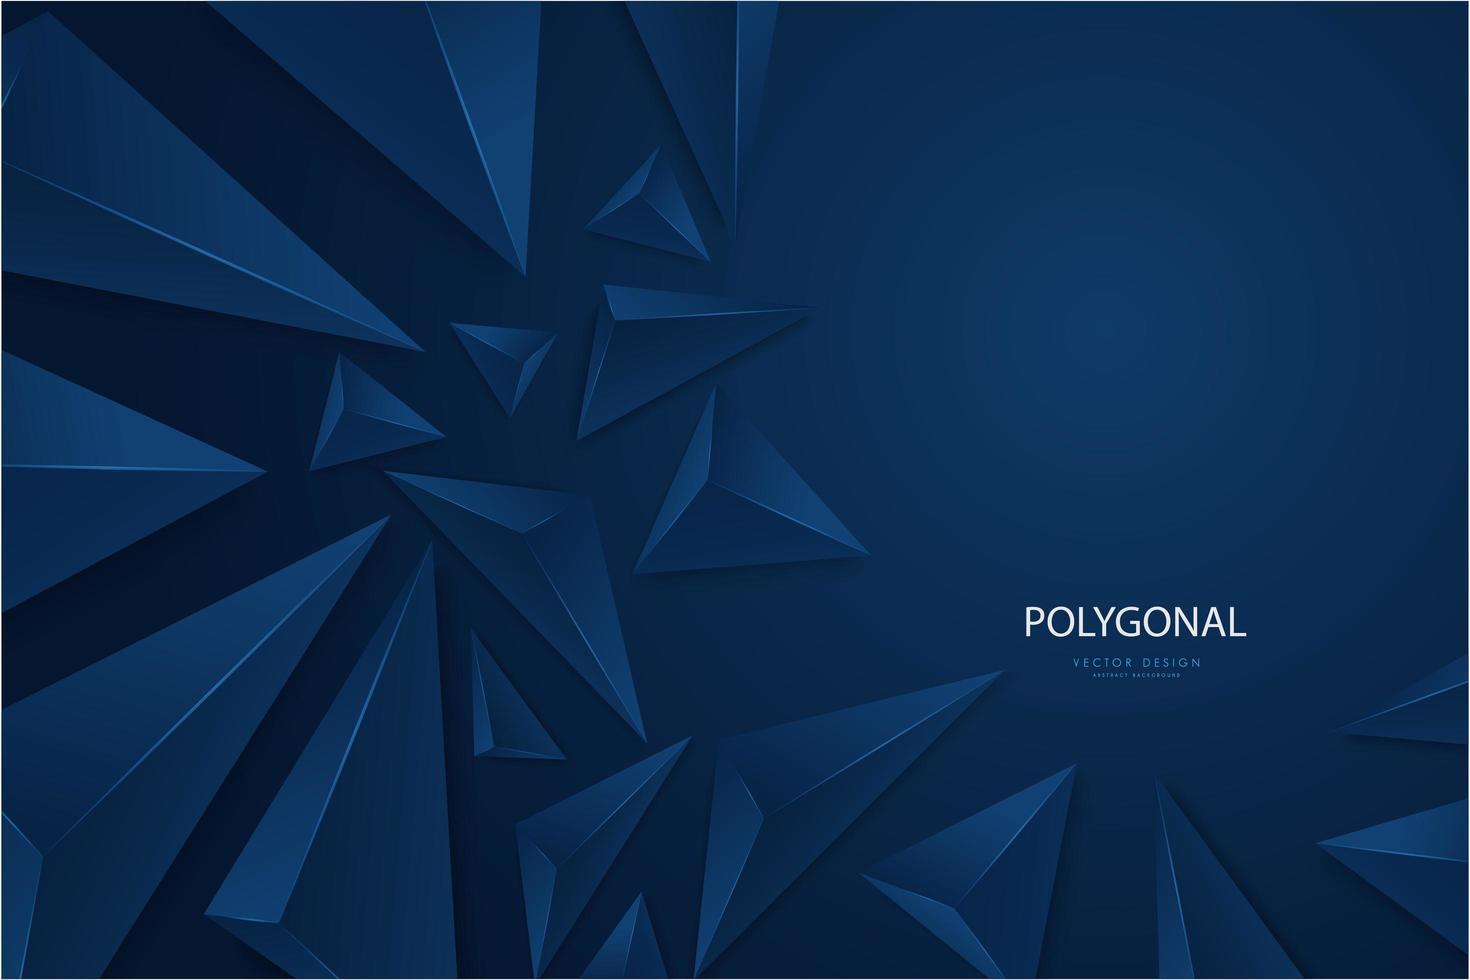 donkerblauw metallic 3d driehoeken modern design. vector